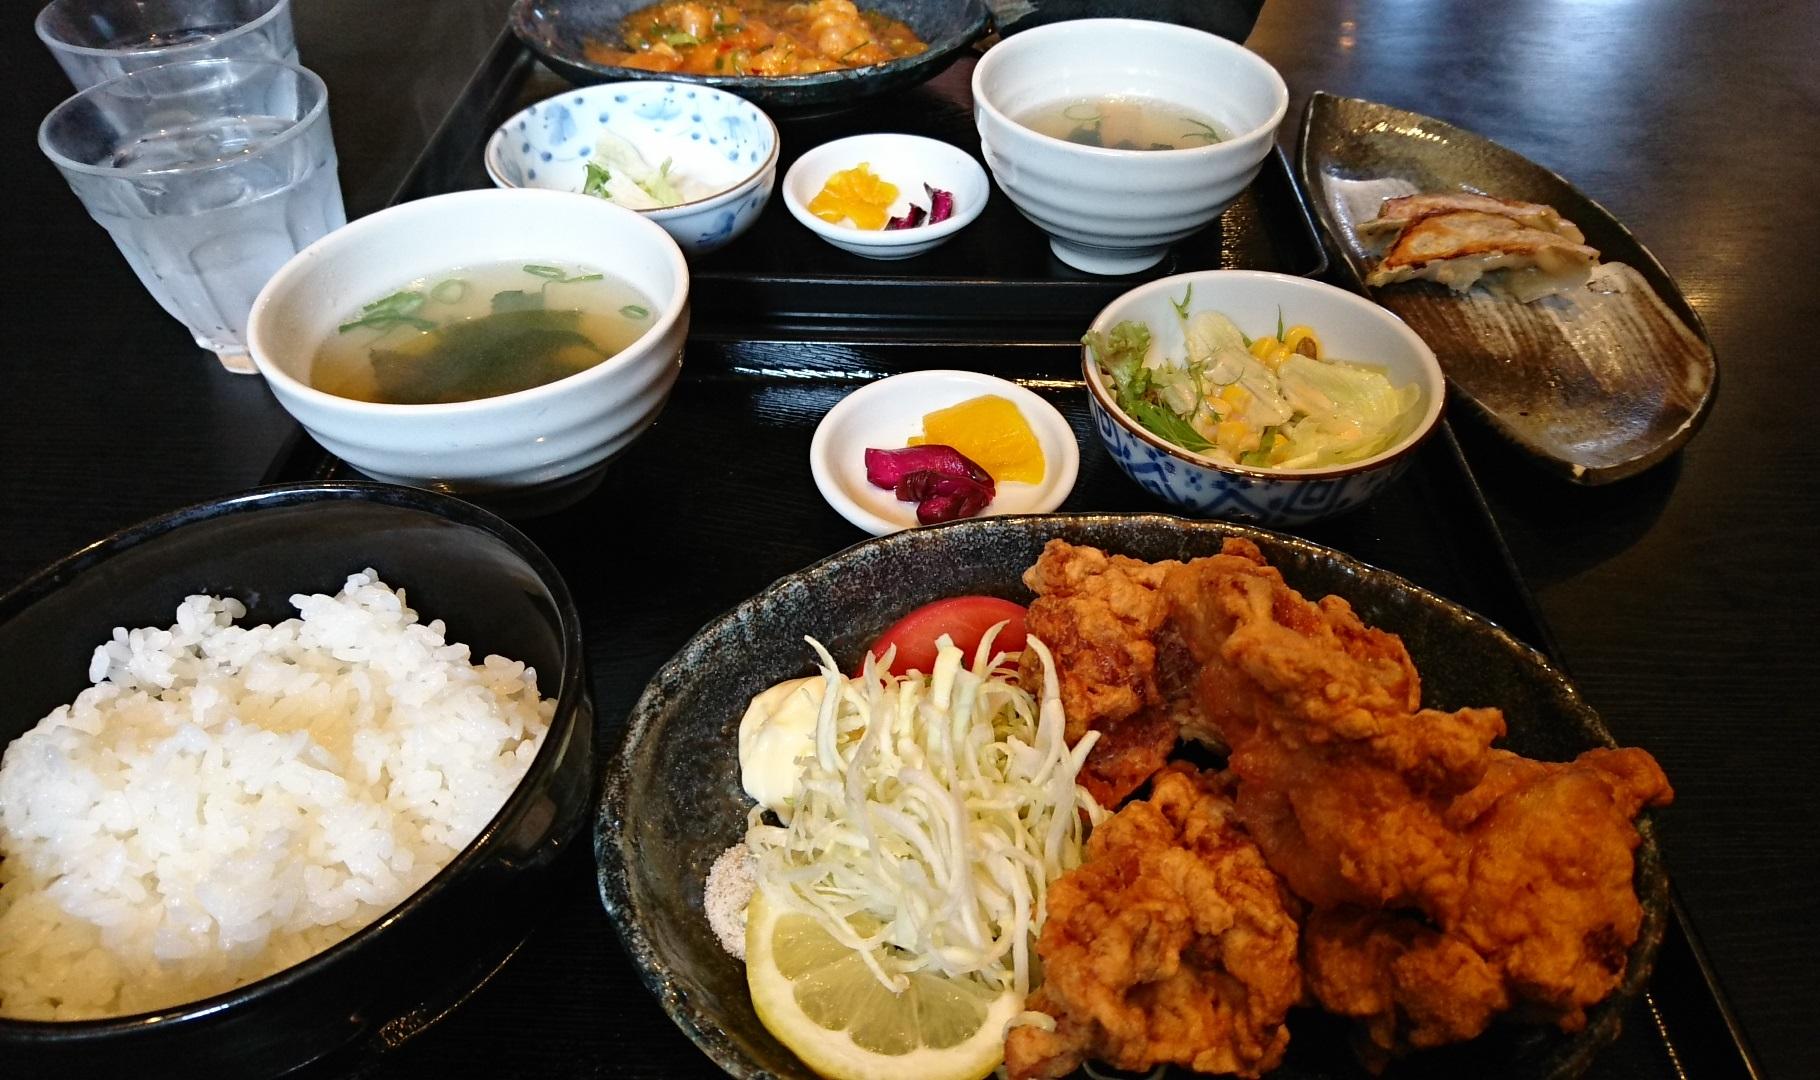 2017.5.2 好吃(ハオチー) - からあげ定食